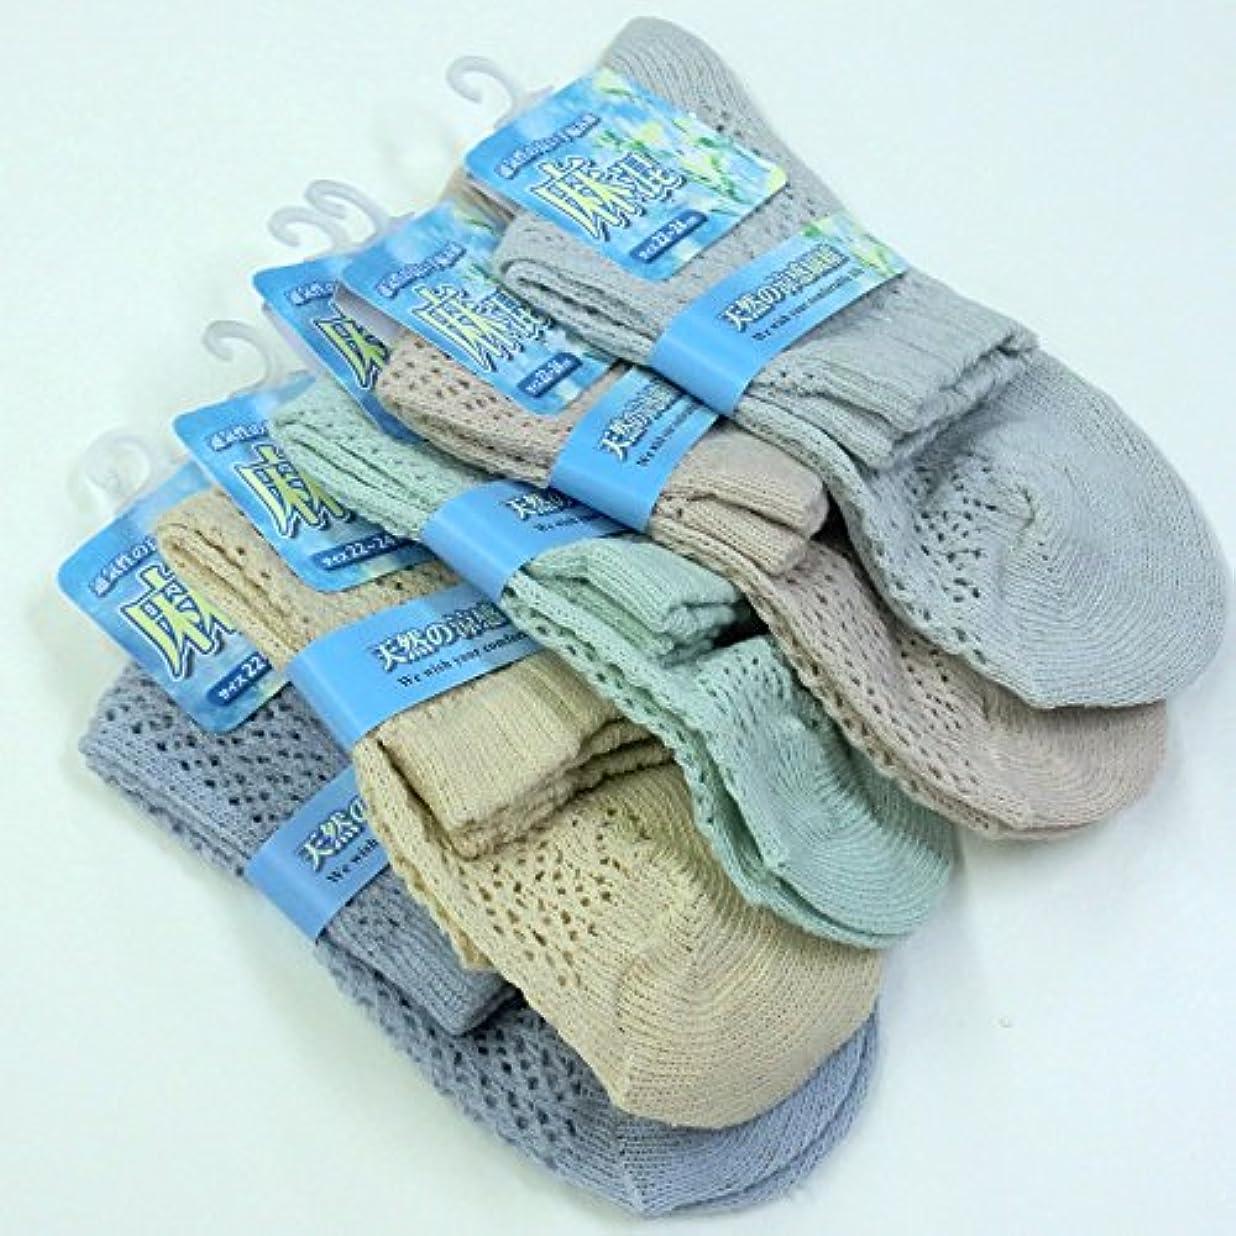 グループ逮捕収束する靴下 レディース 麻混 涼しいルミーソックス おしゃれ手編み風 5色5足組